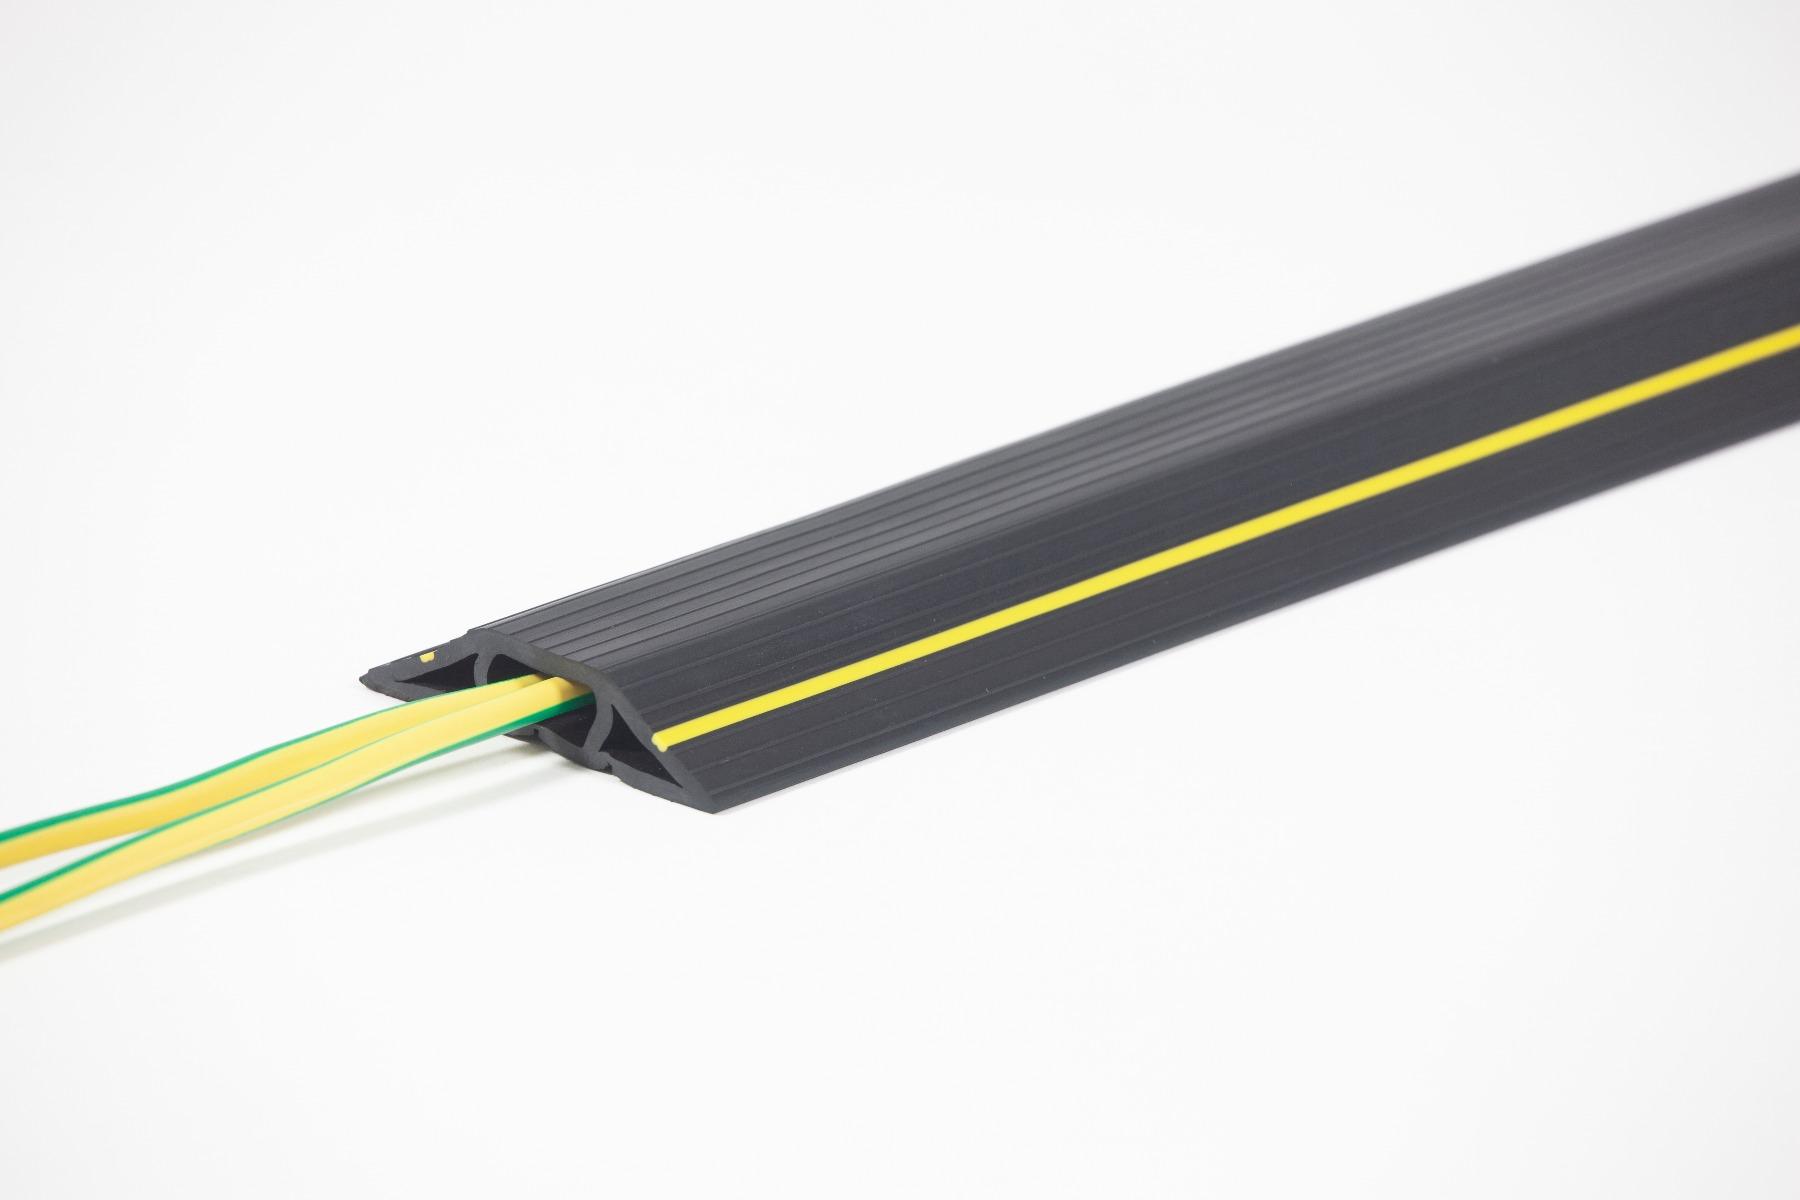 Protège-câbles en caoutchouc / PVC